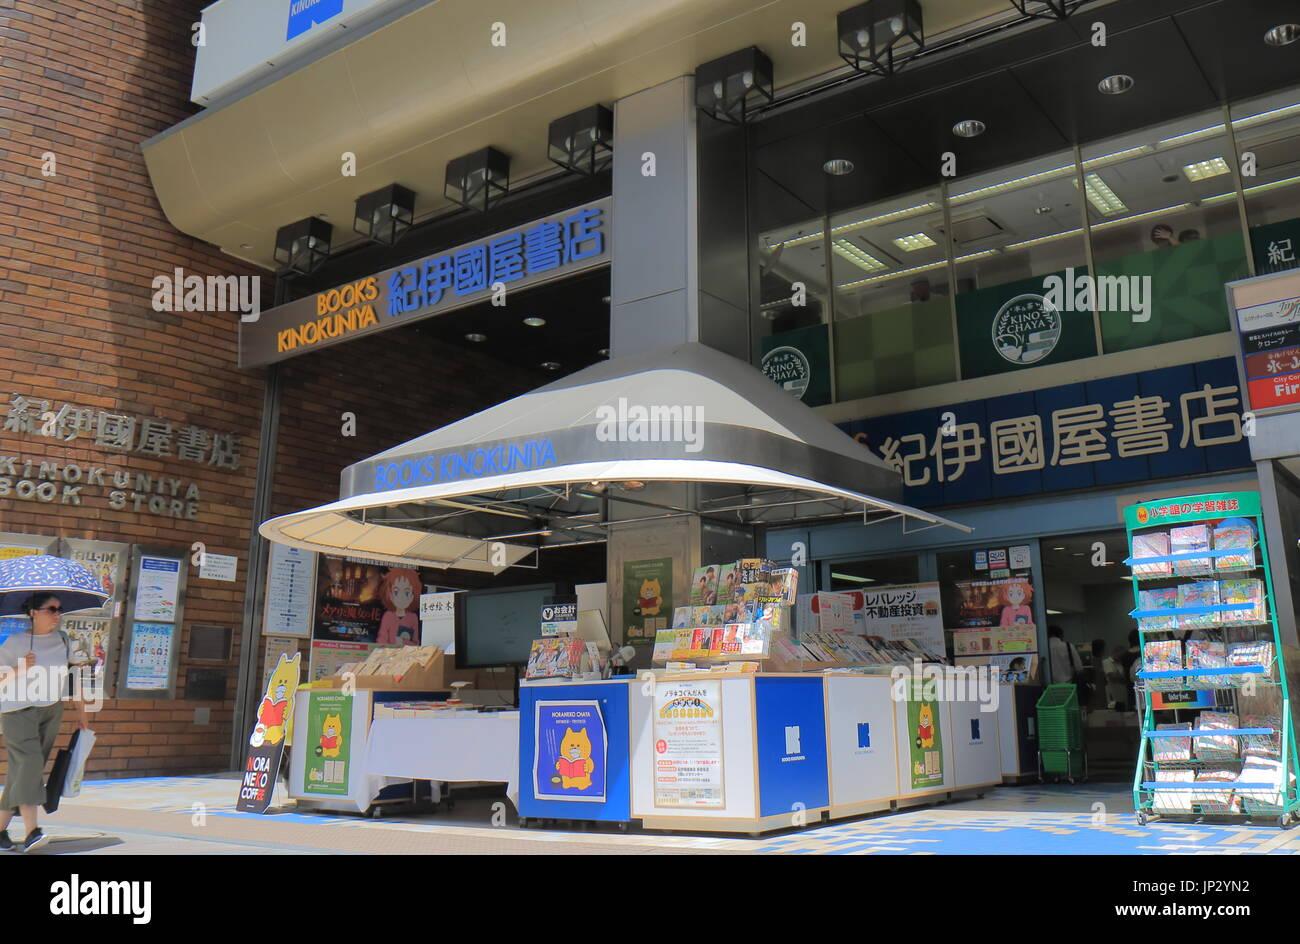 People Visit Kinokuniya Book Store In Tokyo Japan Is One Of The Biggest Japanese